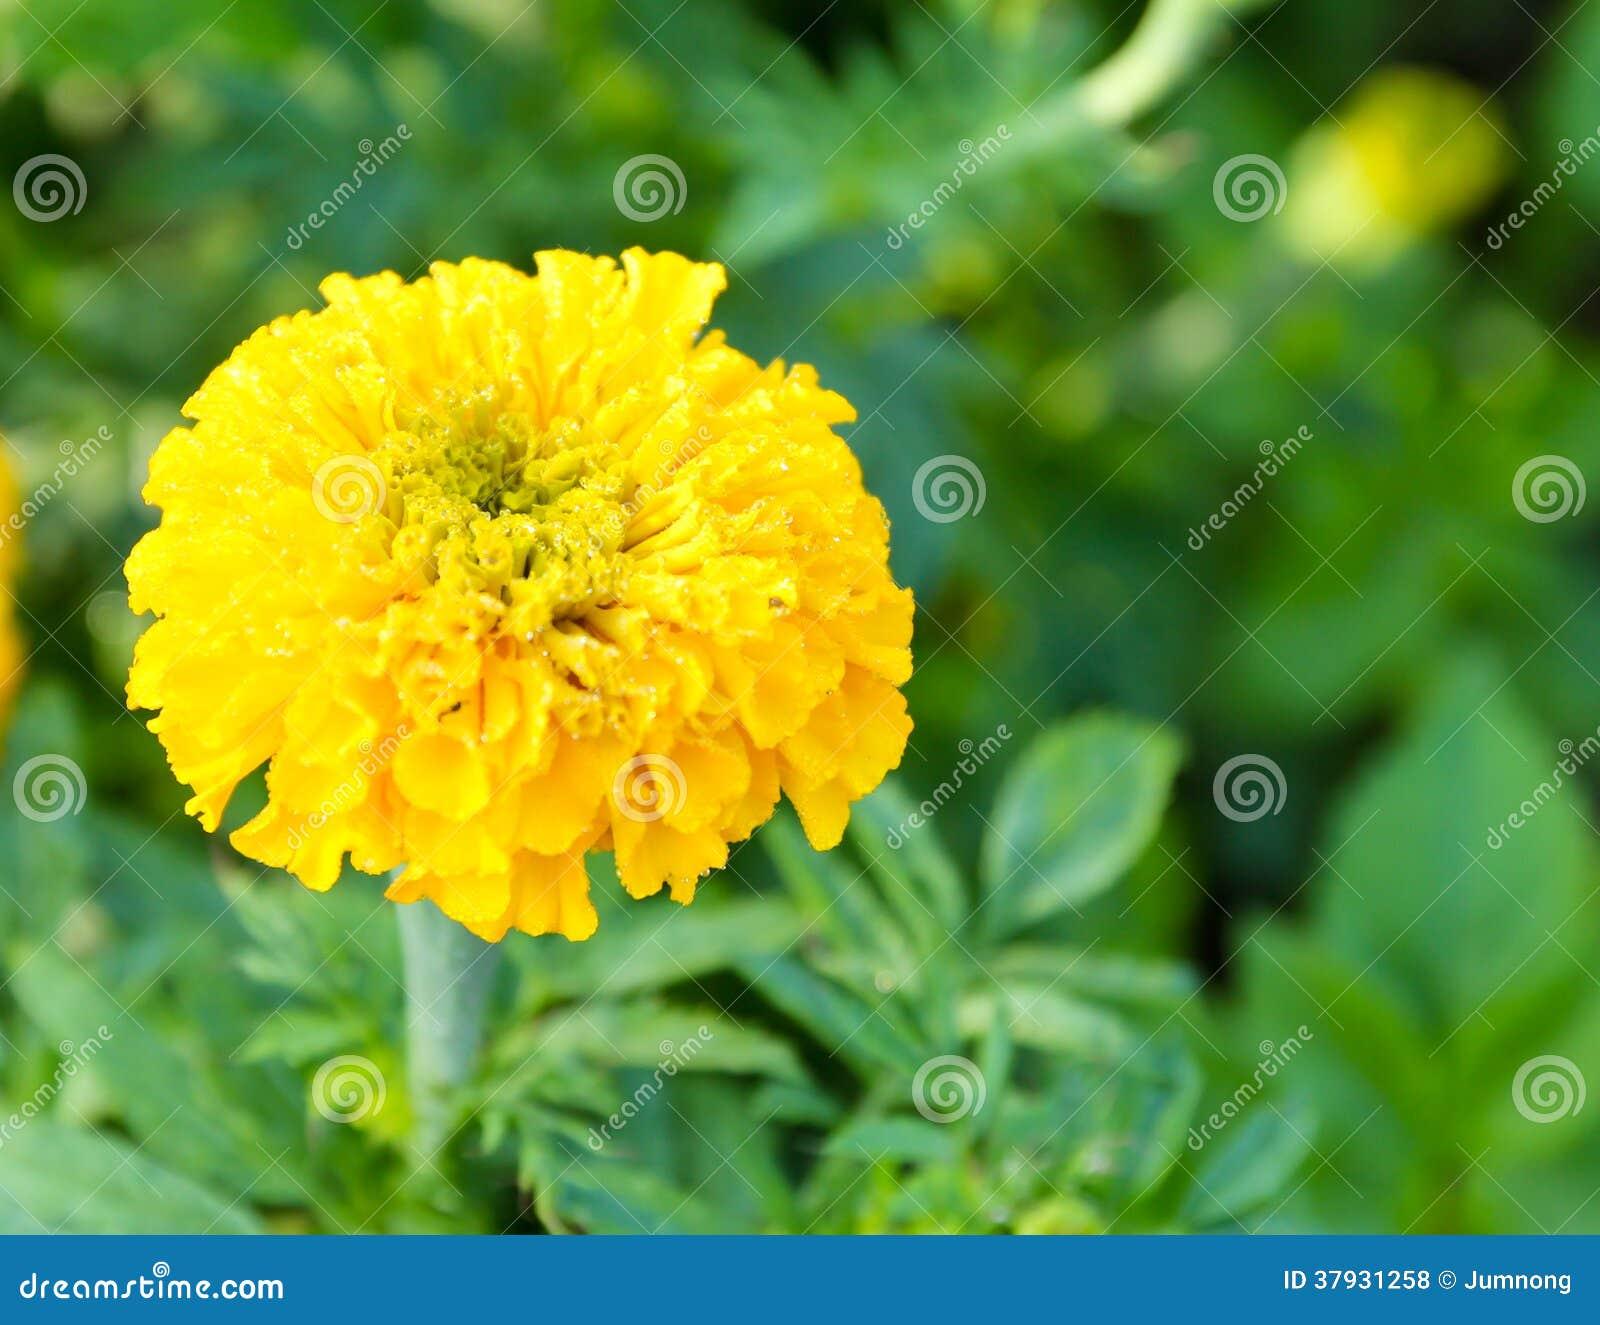 Nagietek w kwiatu gospodarstwie rolnym